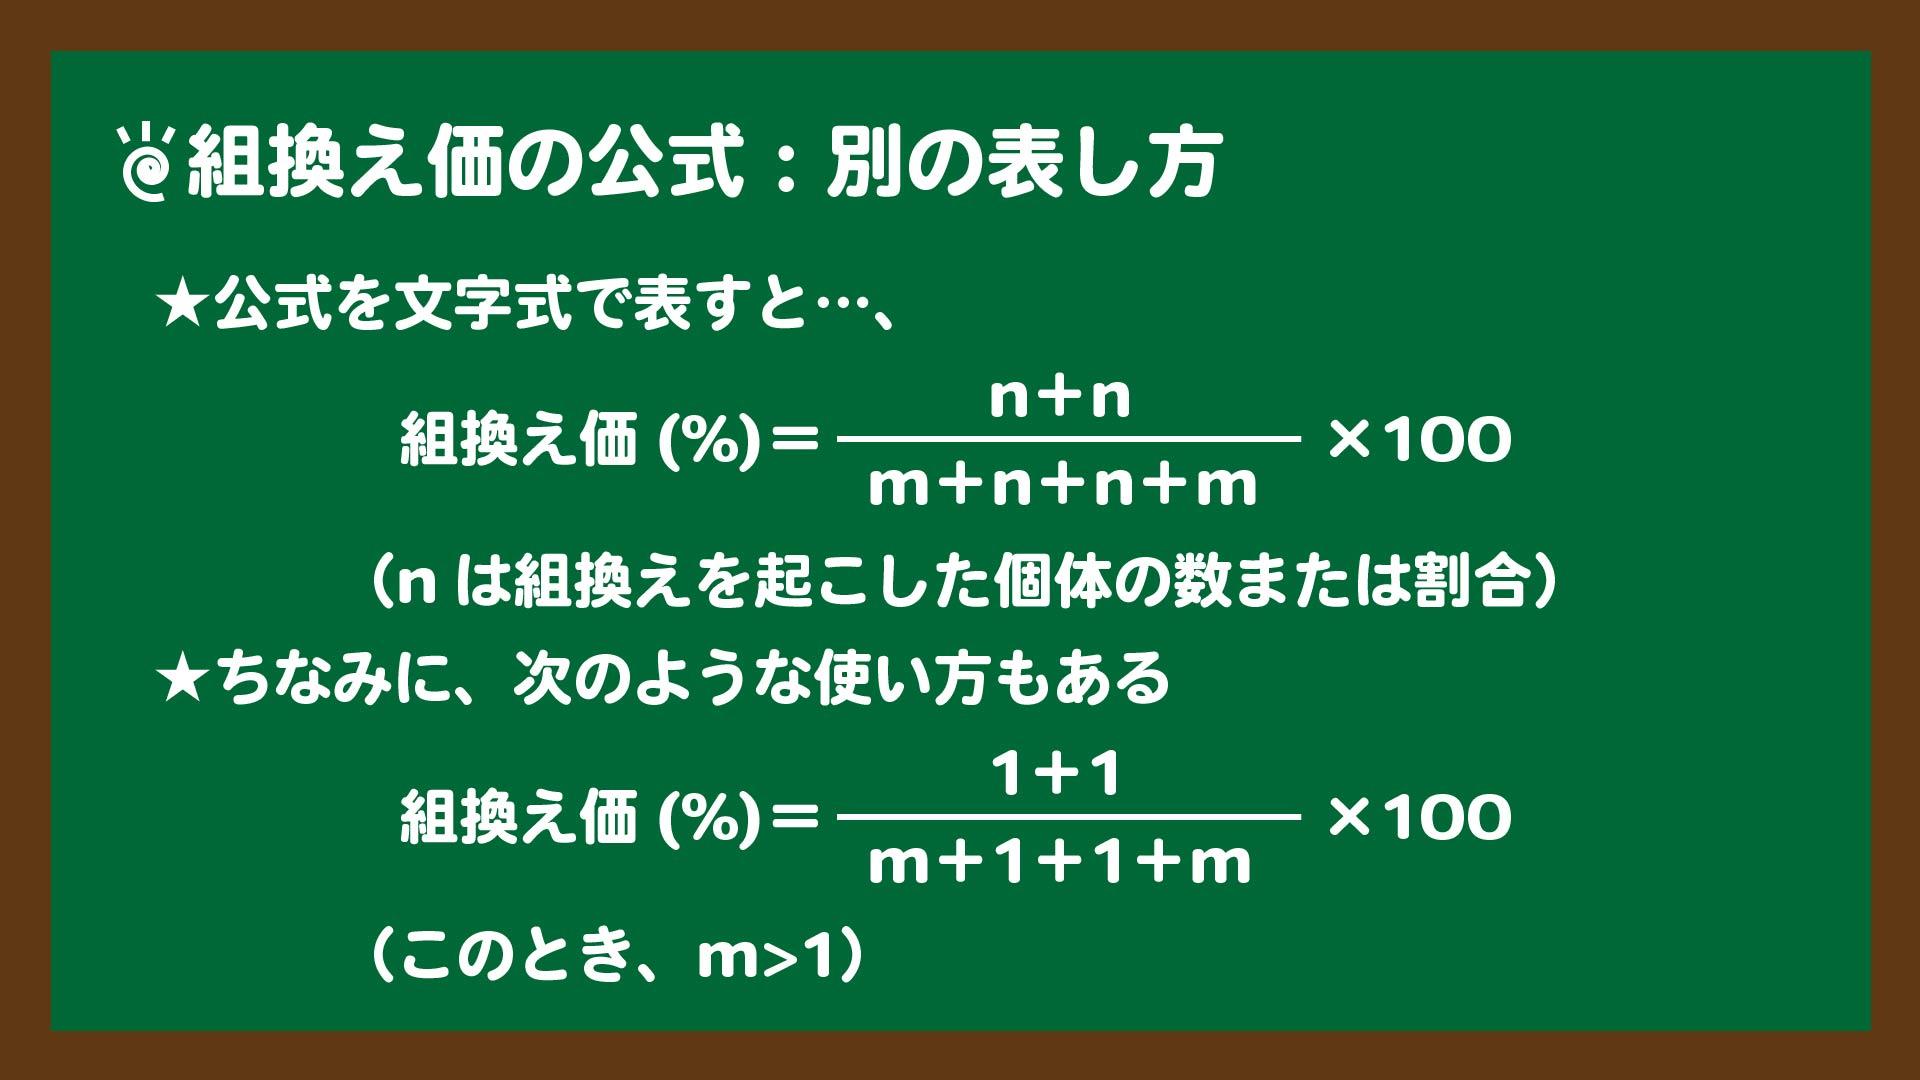 スライド6:組換え価の公式を文字式にした場合